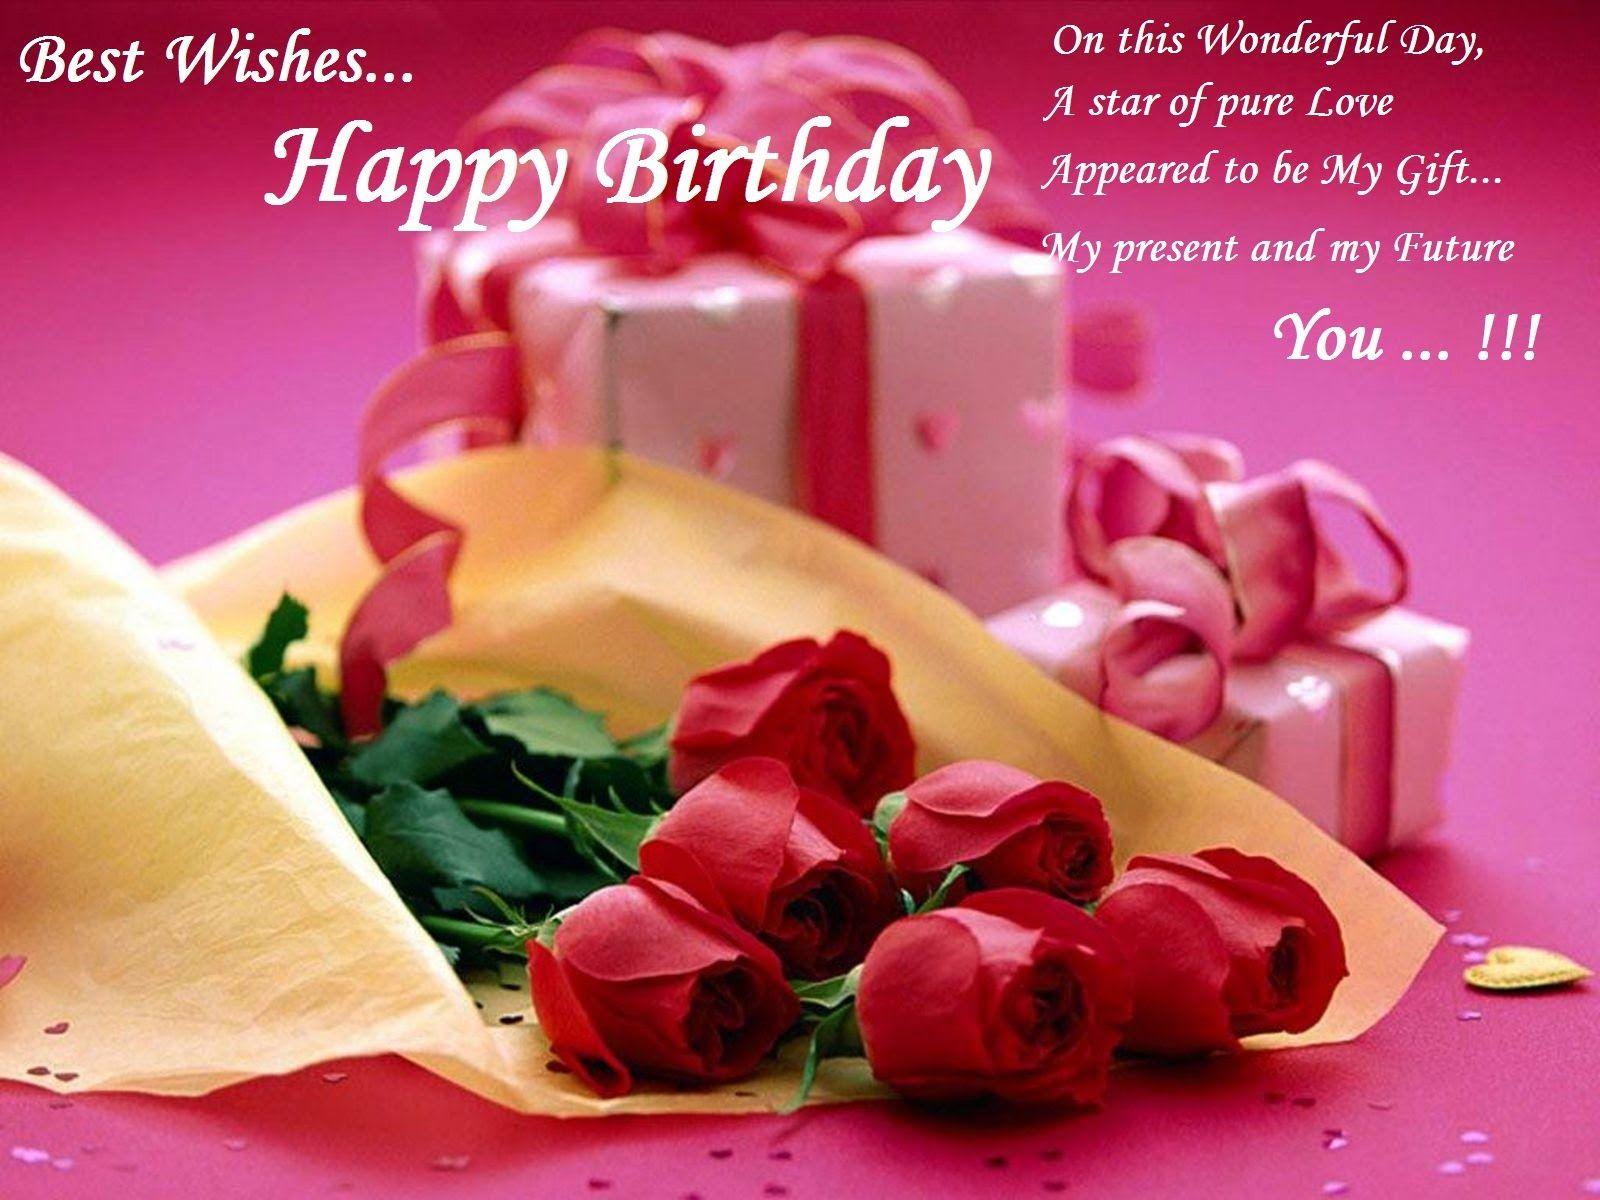 Happy Birthday My Love Happy Birthday Wishes Images Birthday Wishes And Images Birthday Wishes Cards